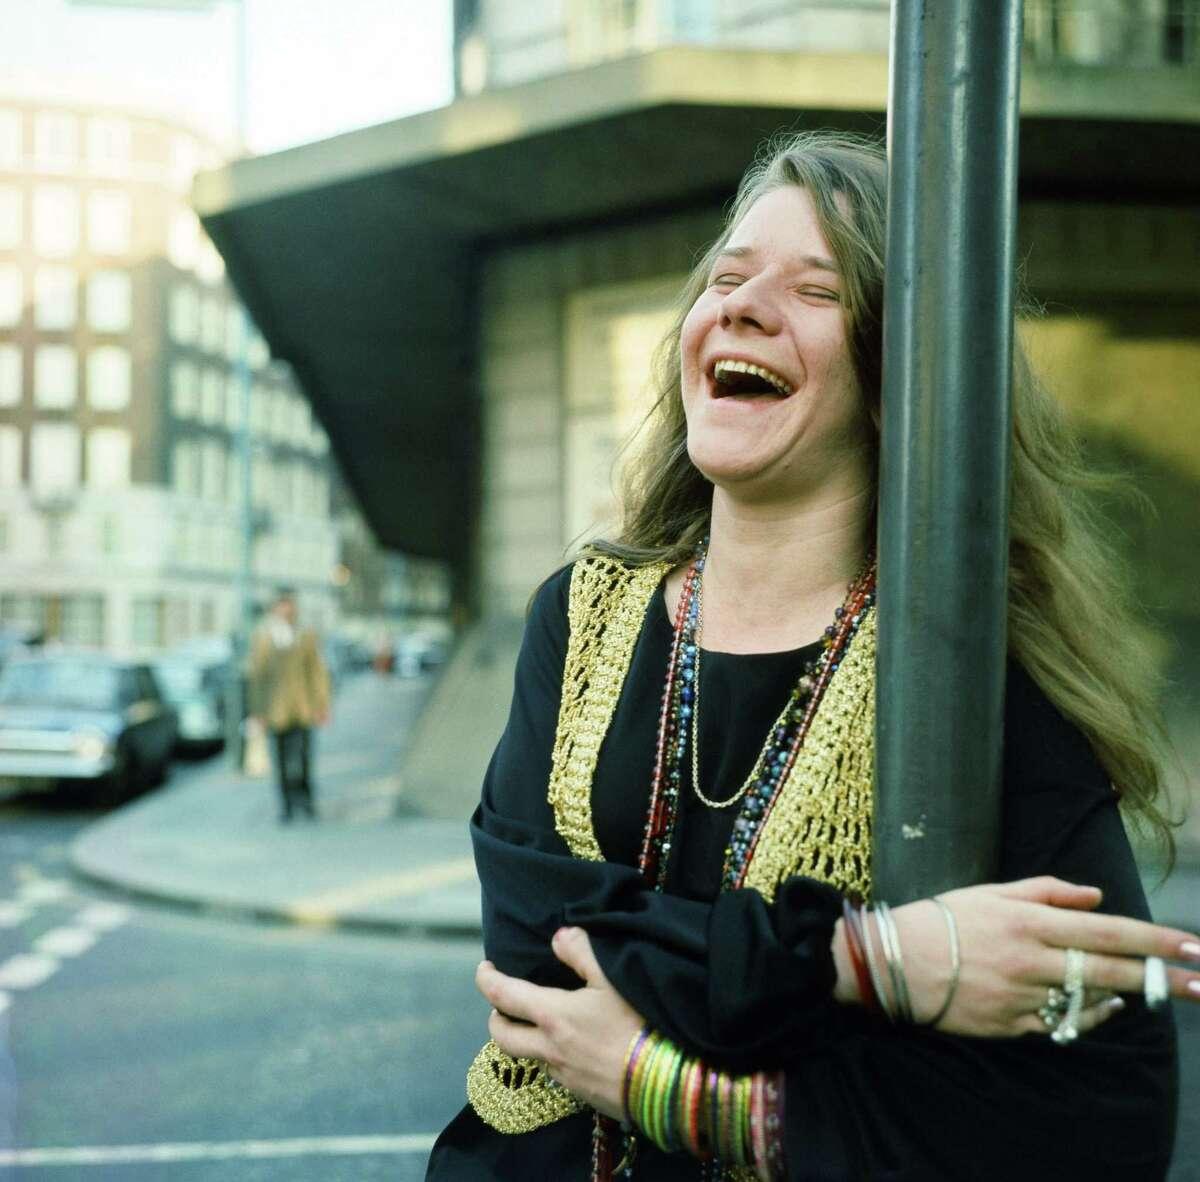 Janis Joplin in London.